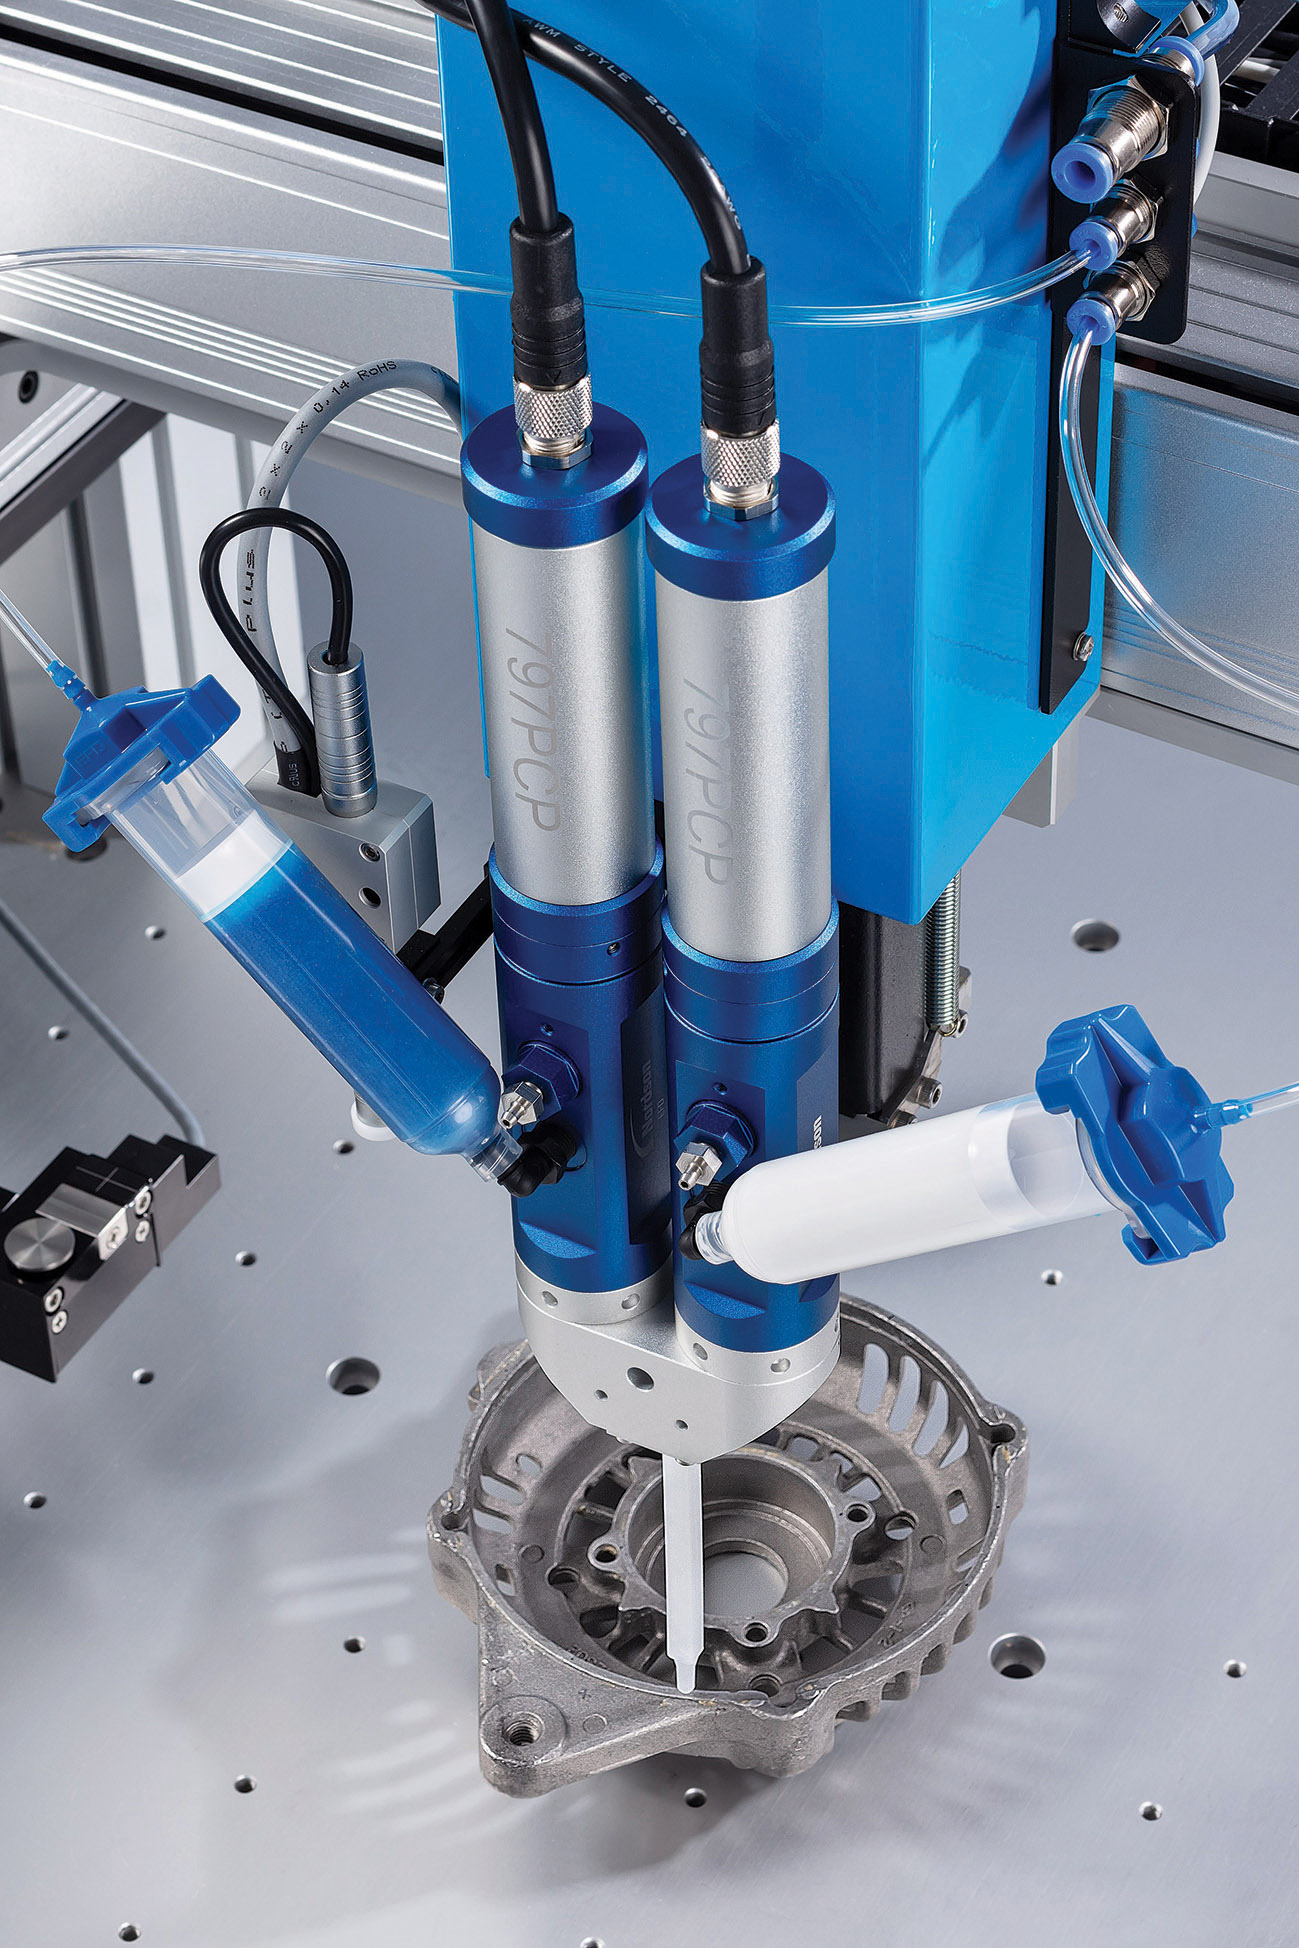 Une pompe à cavité progressive pour un dosage volumétrique en continu